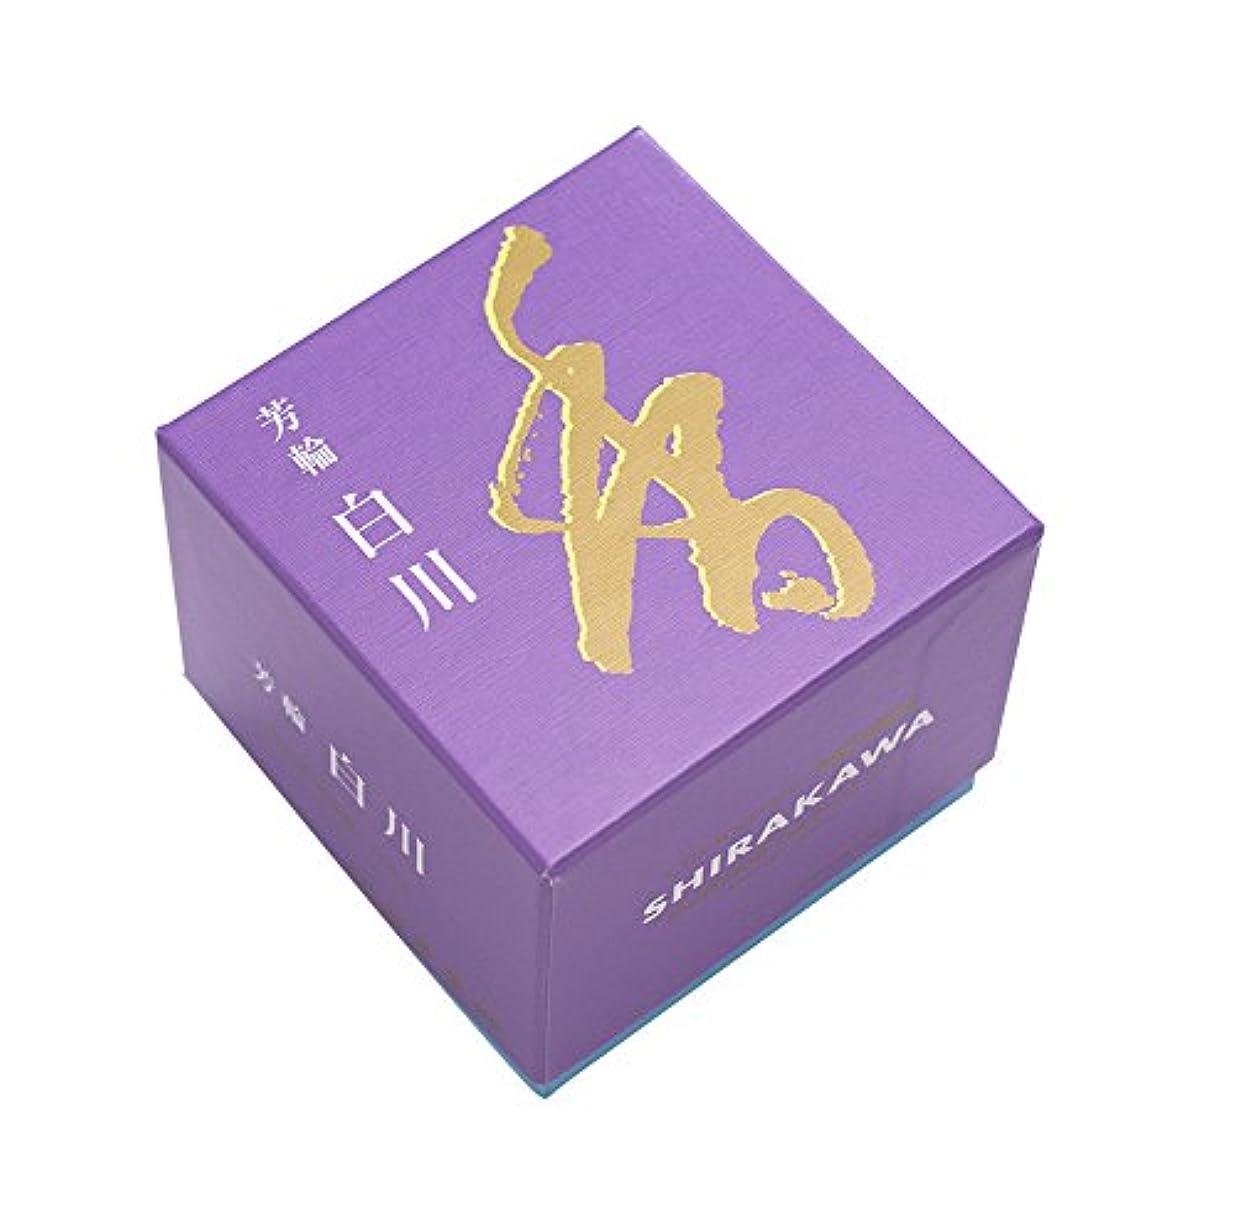 エスカレート医療の名前松栄堂のお香 芳輪白川 渦巻型10枚入 うてな角型付 #210621